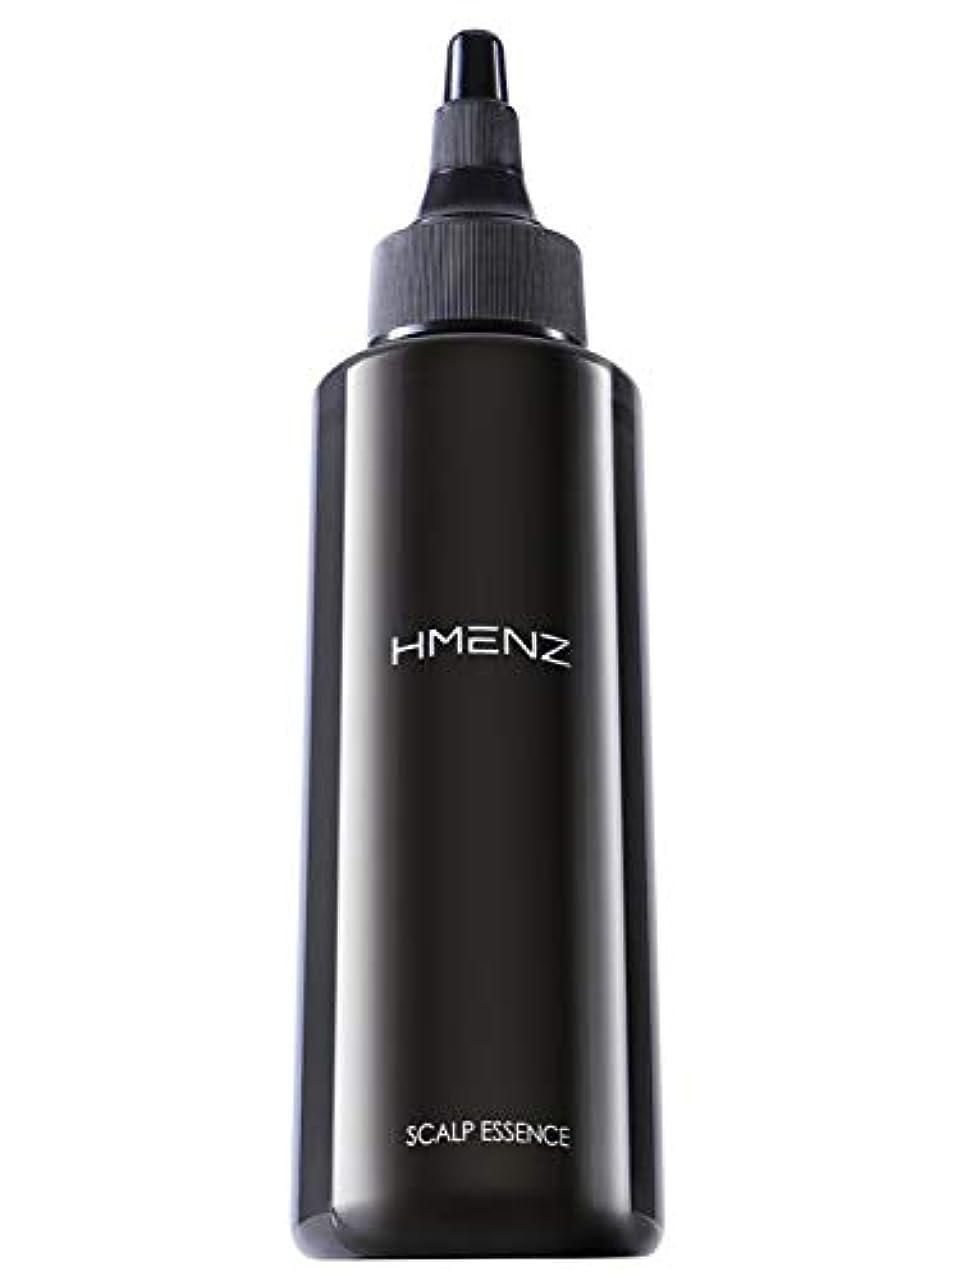 きらめき宗教的な規制する医薬部外品 HMENZ メンズ 育毛剤 スカルプエッセンス 毛髪エイジングケアシリーズ 和漢根 海藻配合 育毛トニック 120ml